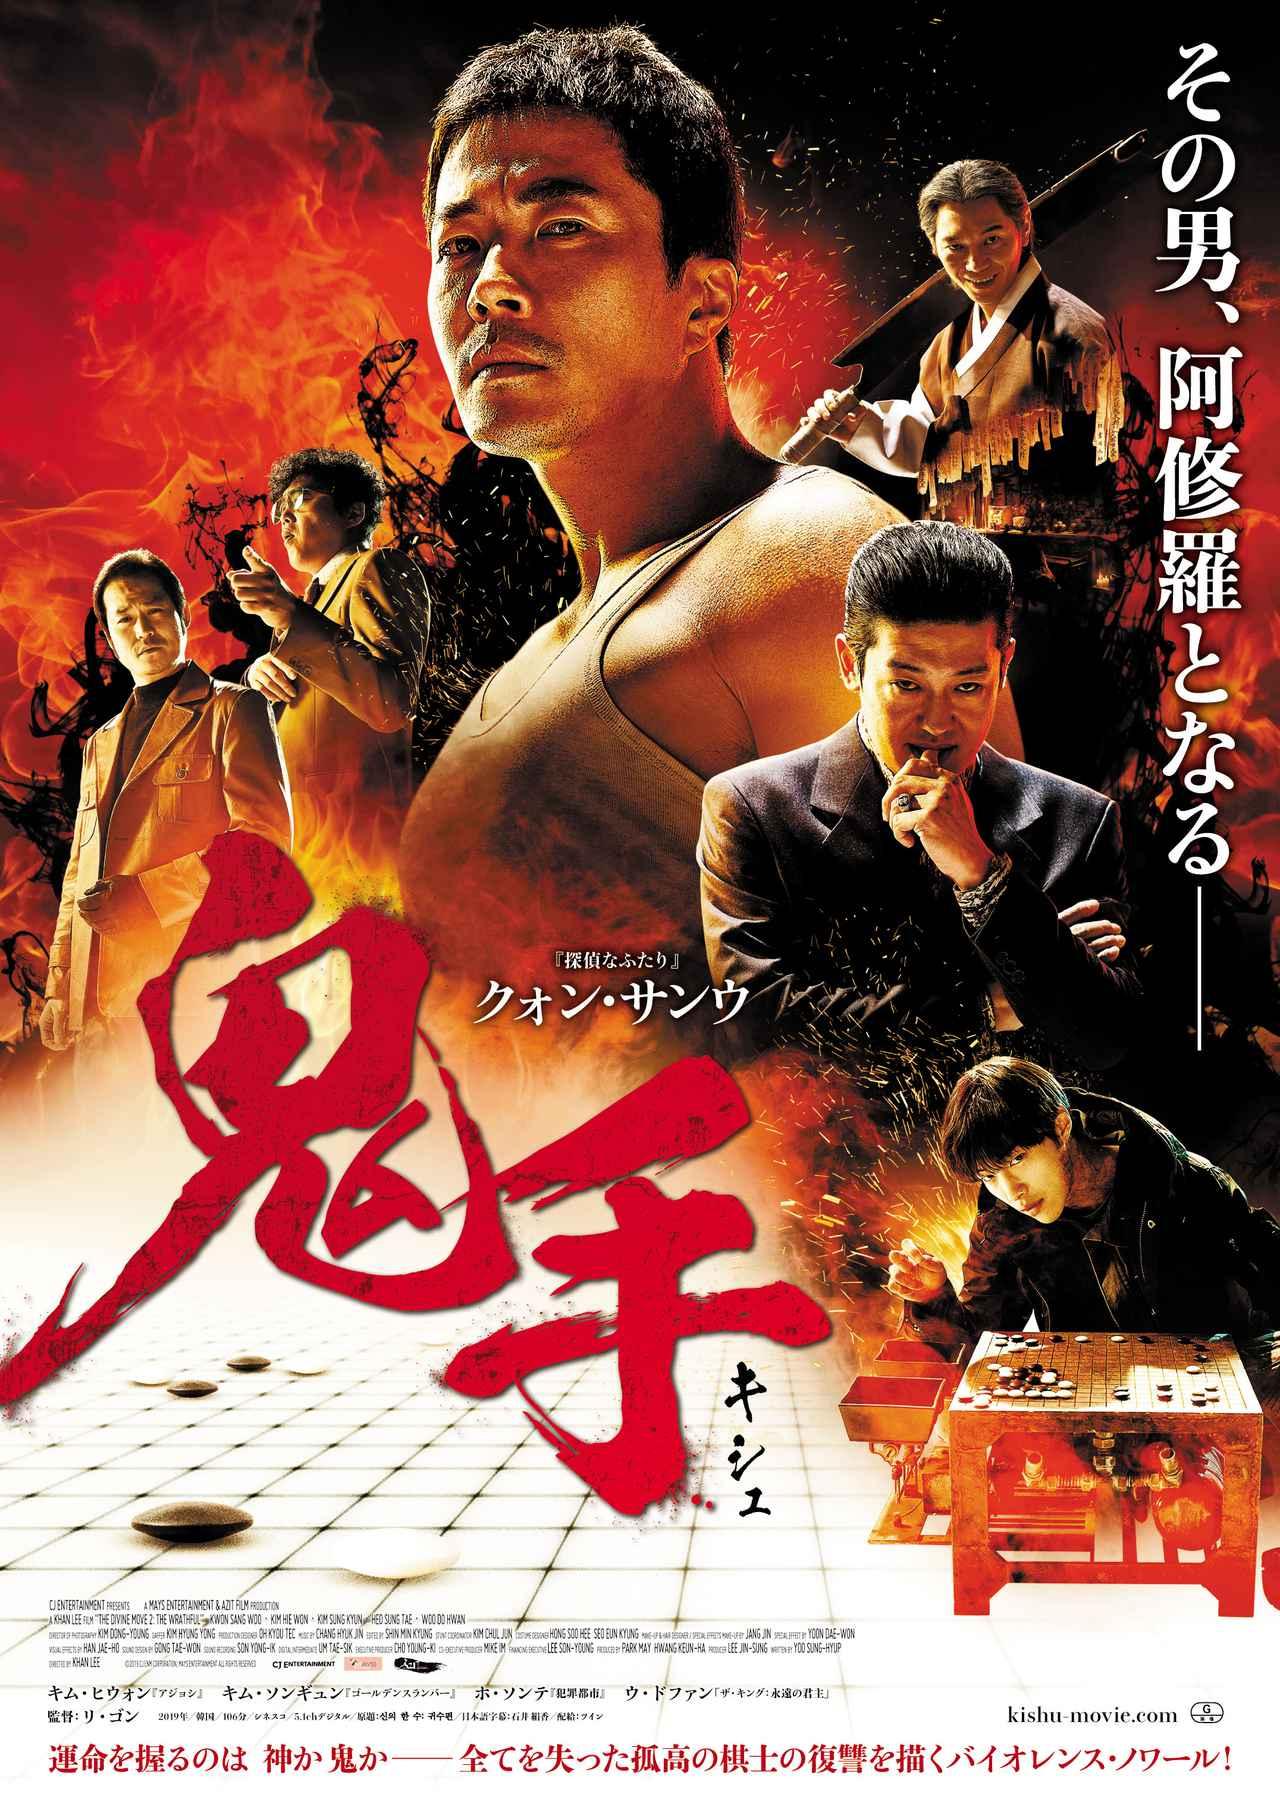 画像1: 予告編!韓国映画界が誇る俳優陣が集結-クォン・サンウ主演の壮絶な韓国ノワール『鬼手』